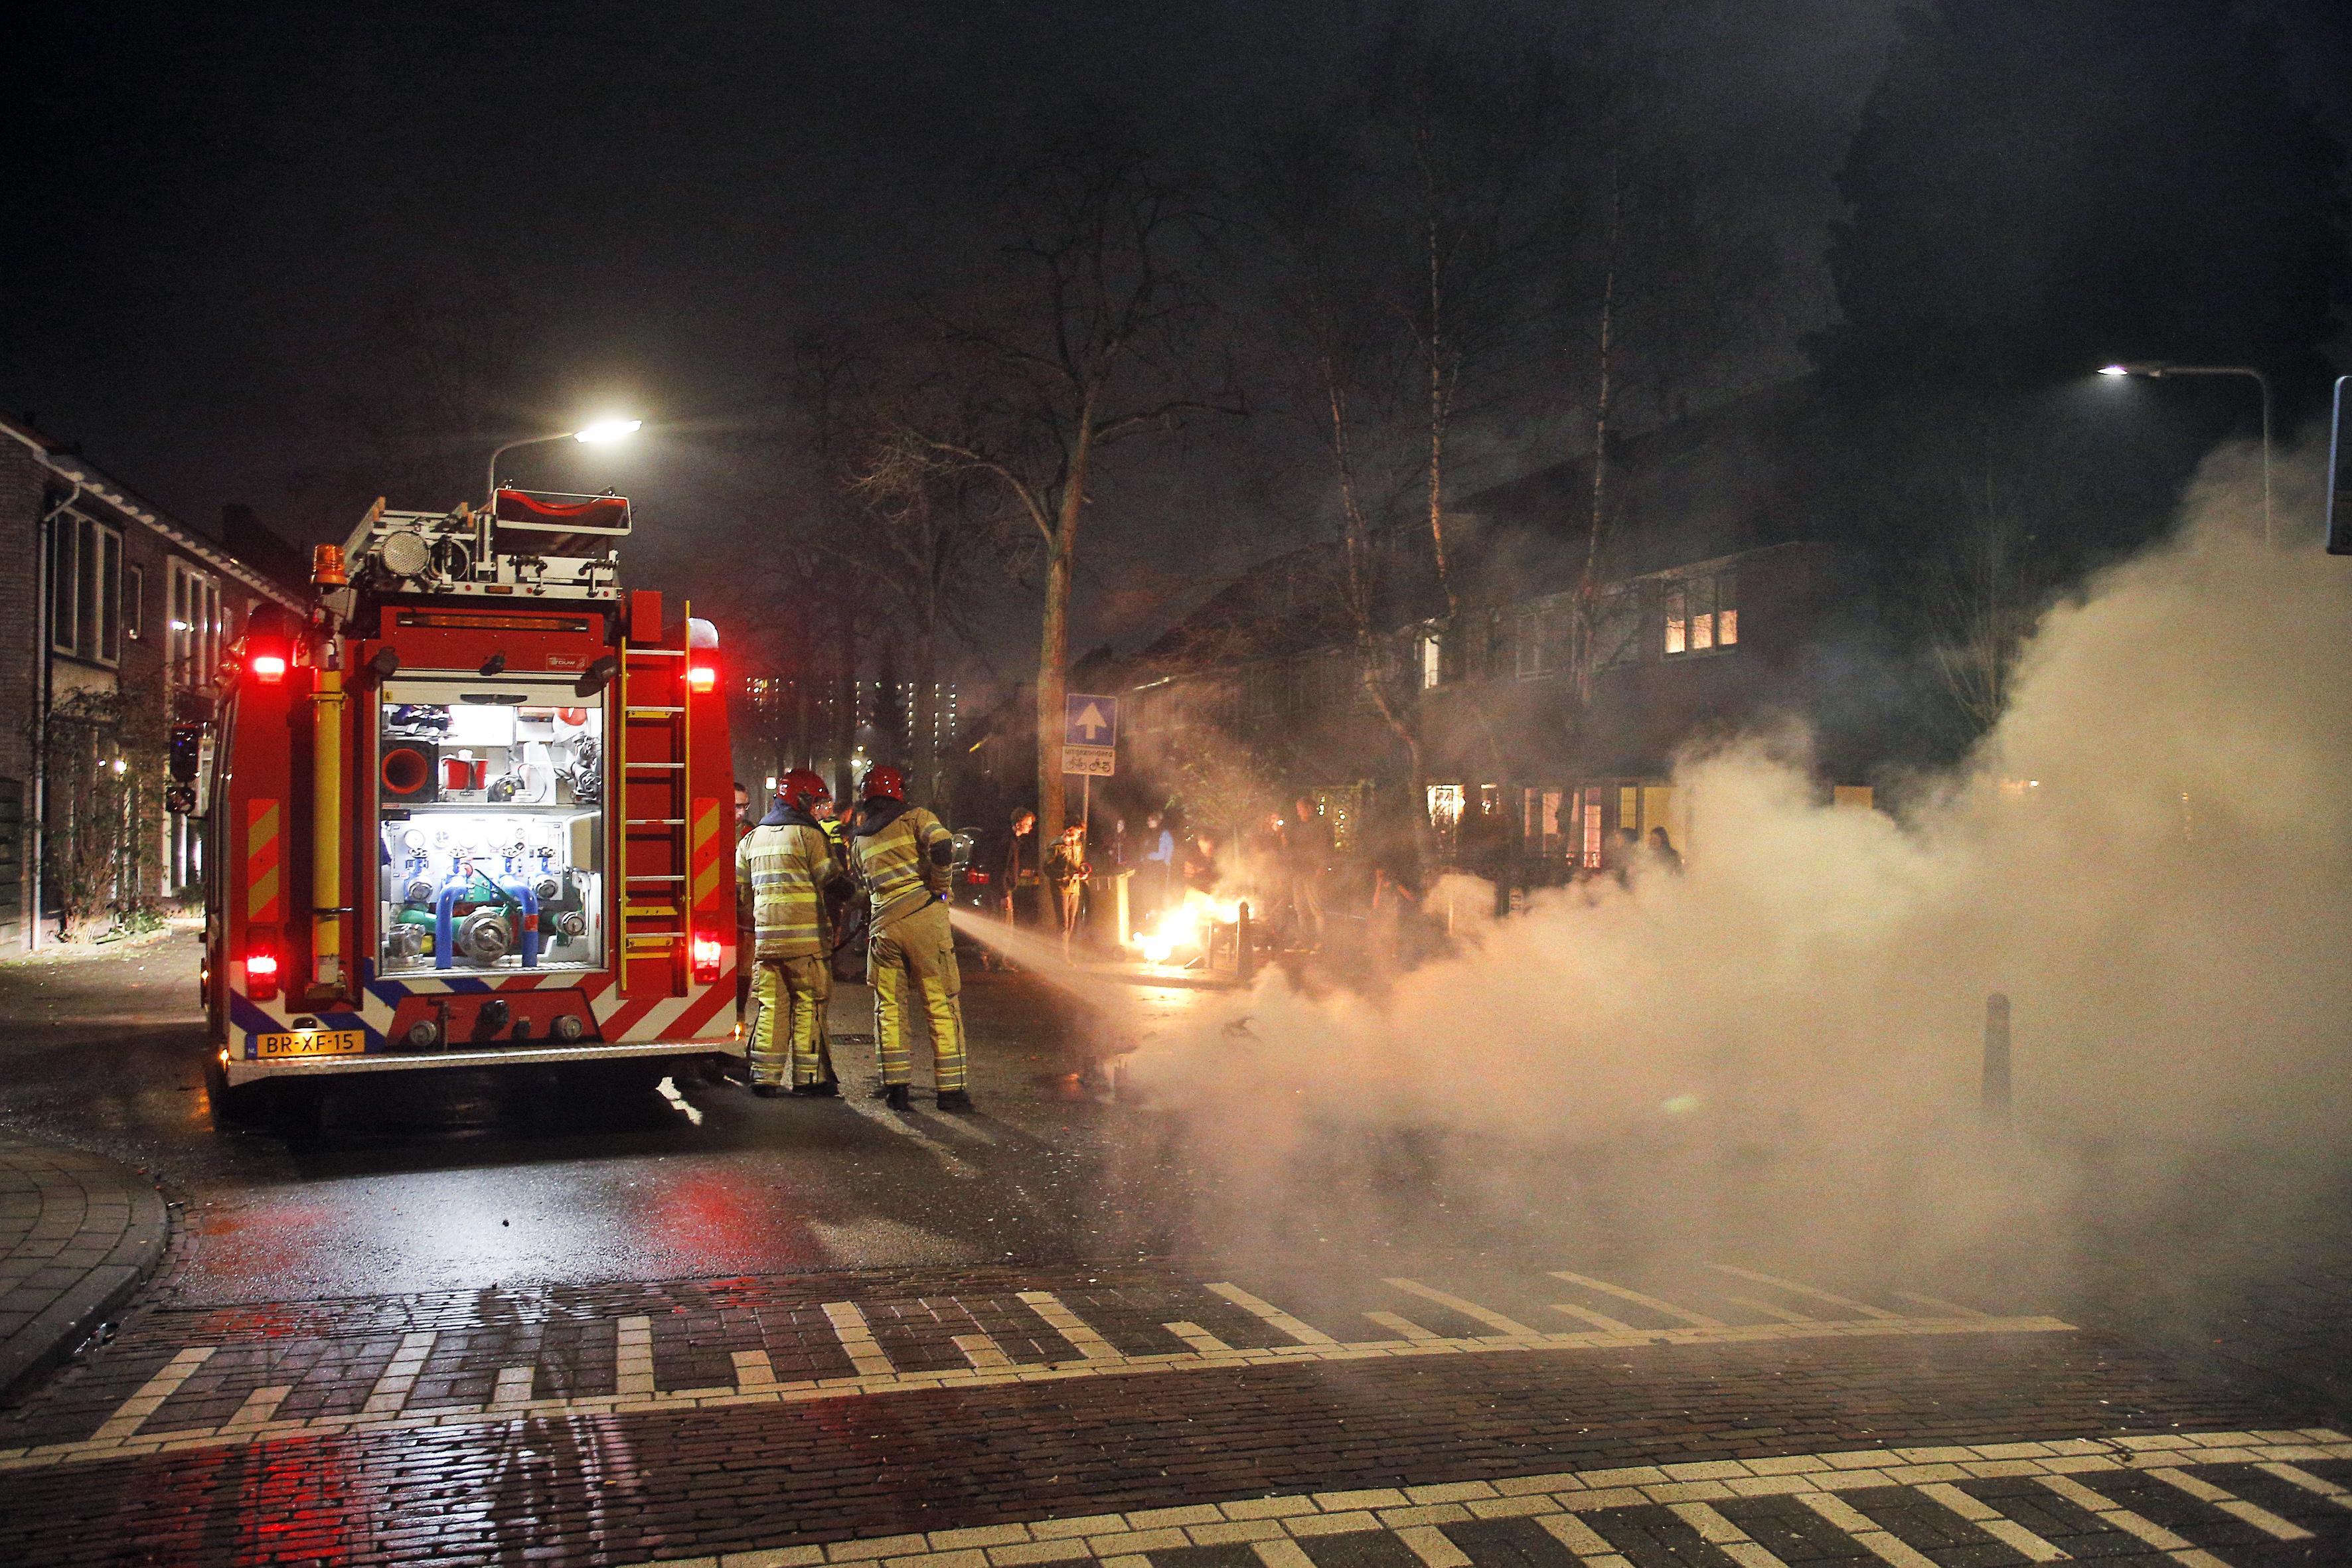 Brandweer Gooi en Vechtstreek: jaarwisseling rustig verlopen